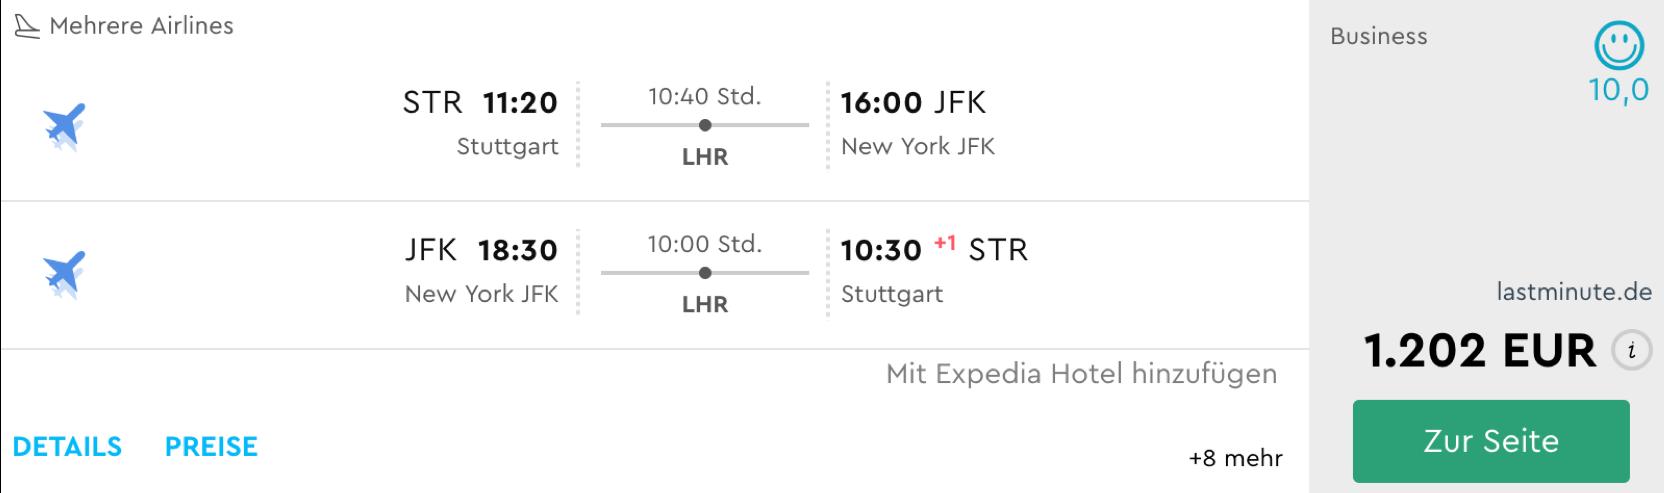 Sehr günstige Business Class Flüge nach New York